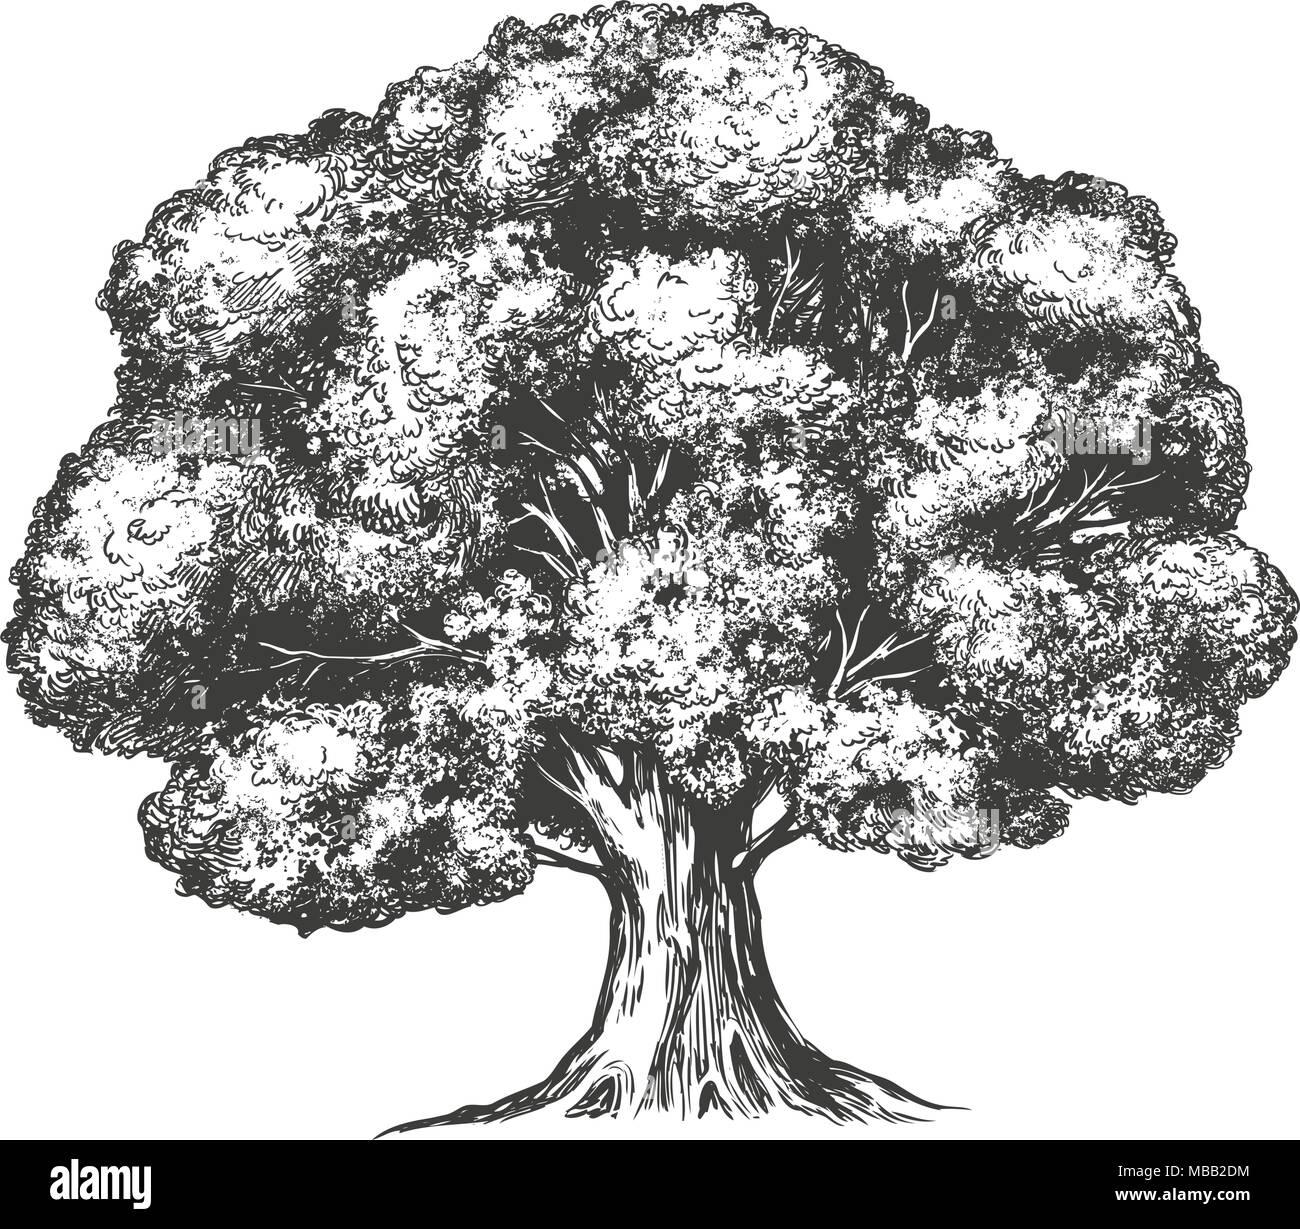 baum hand gezeichnet vektor-illustration realistische skizze vektor